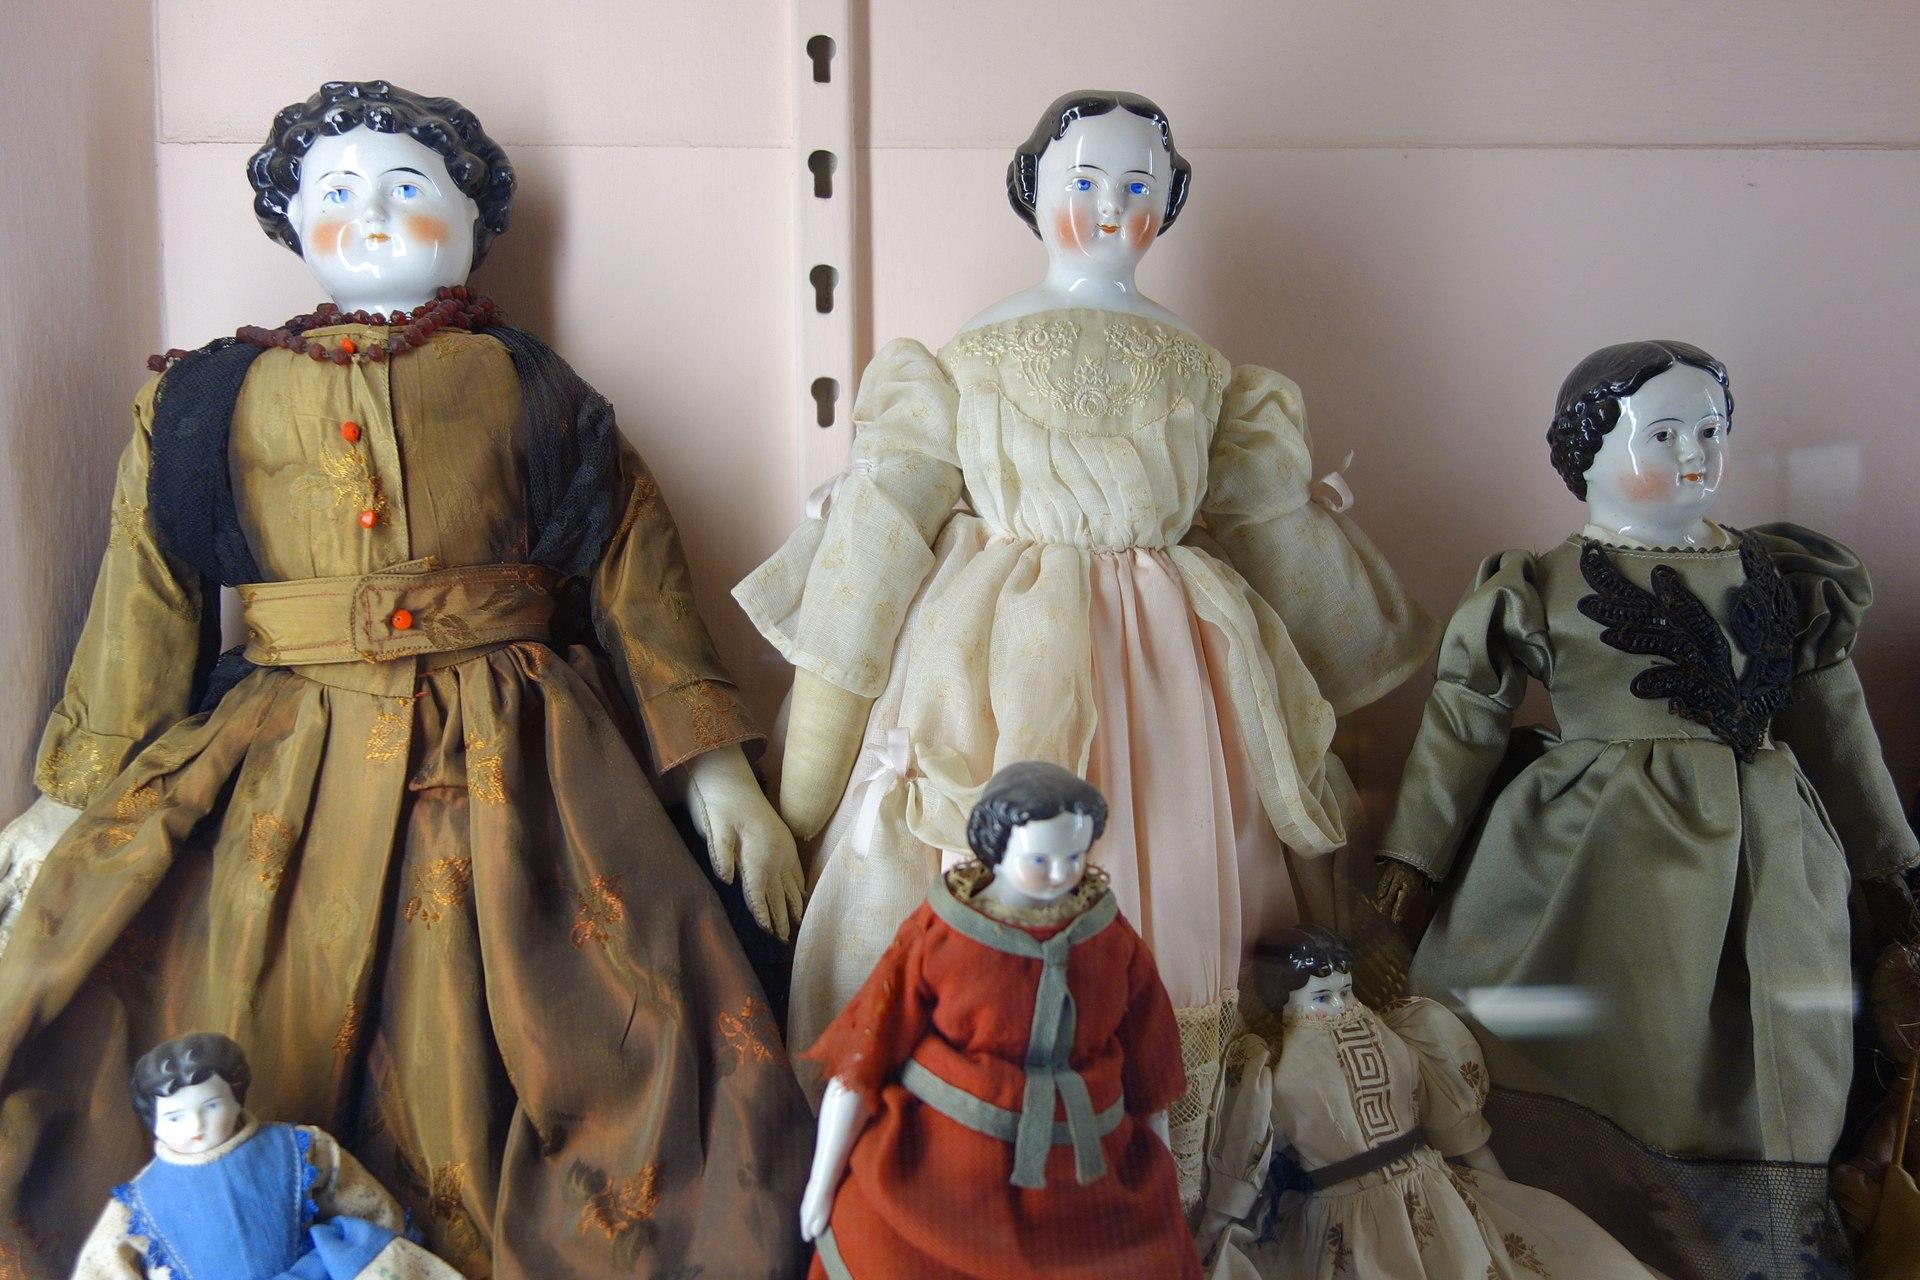 China Doll Wikipedia